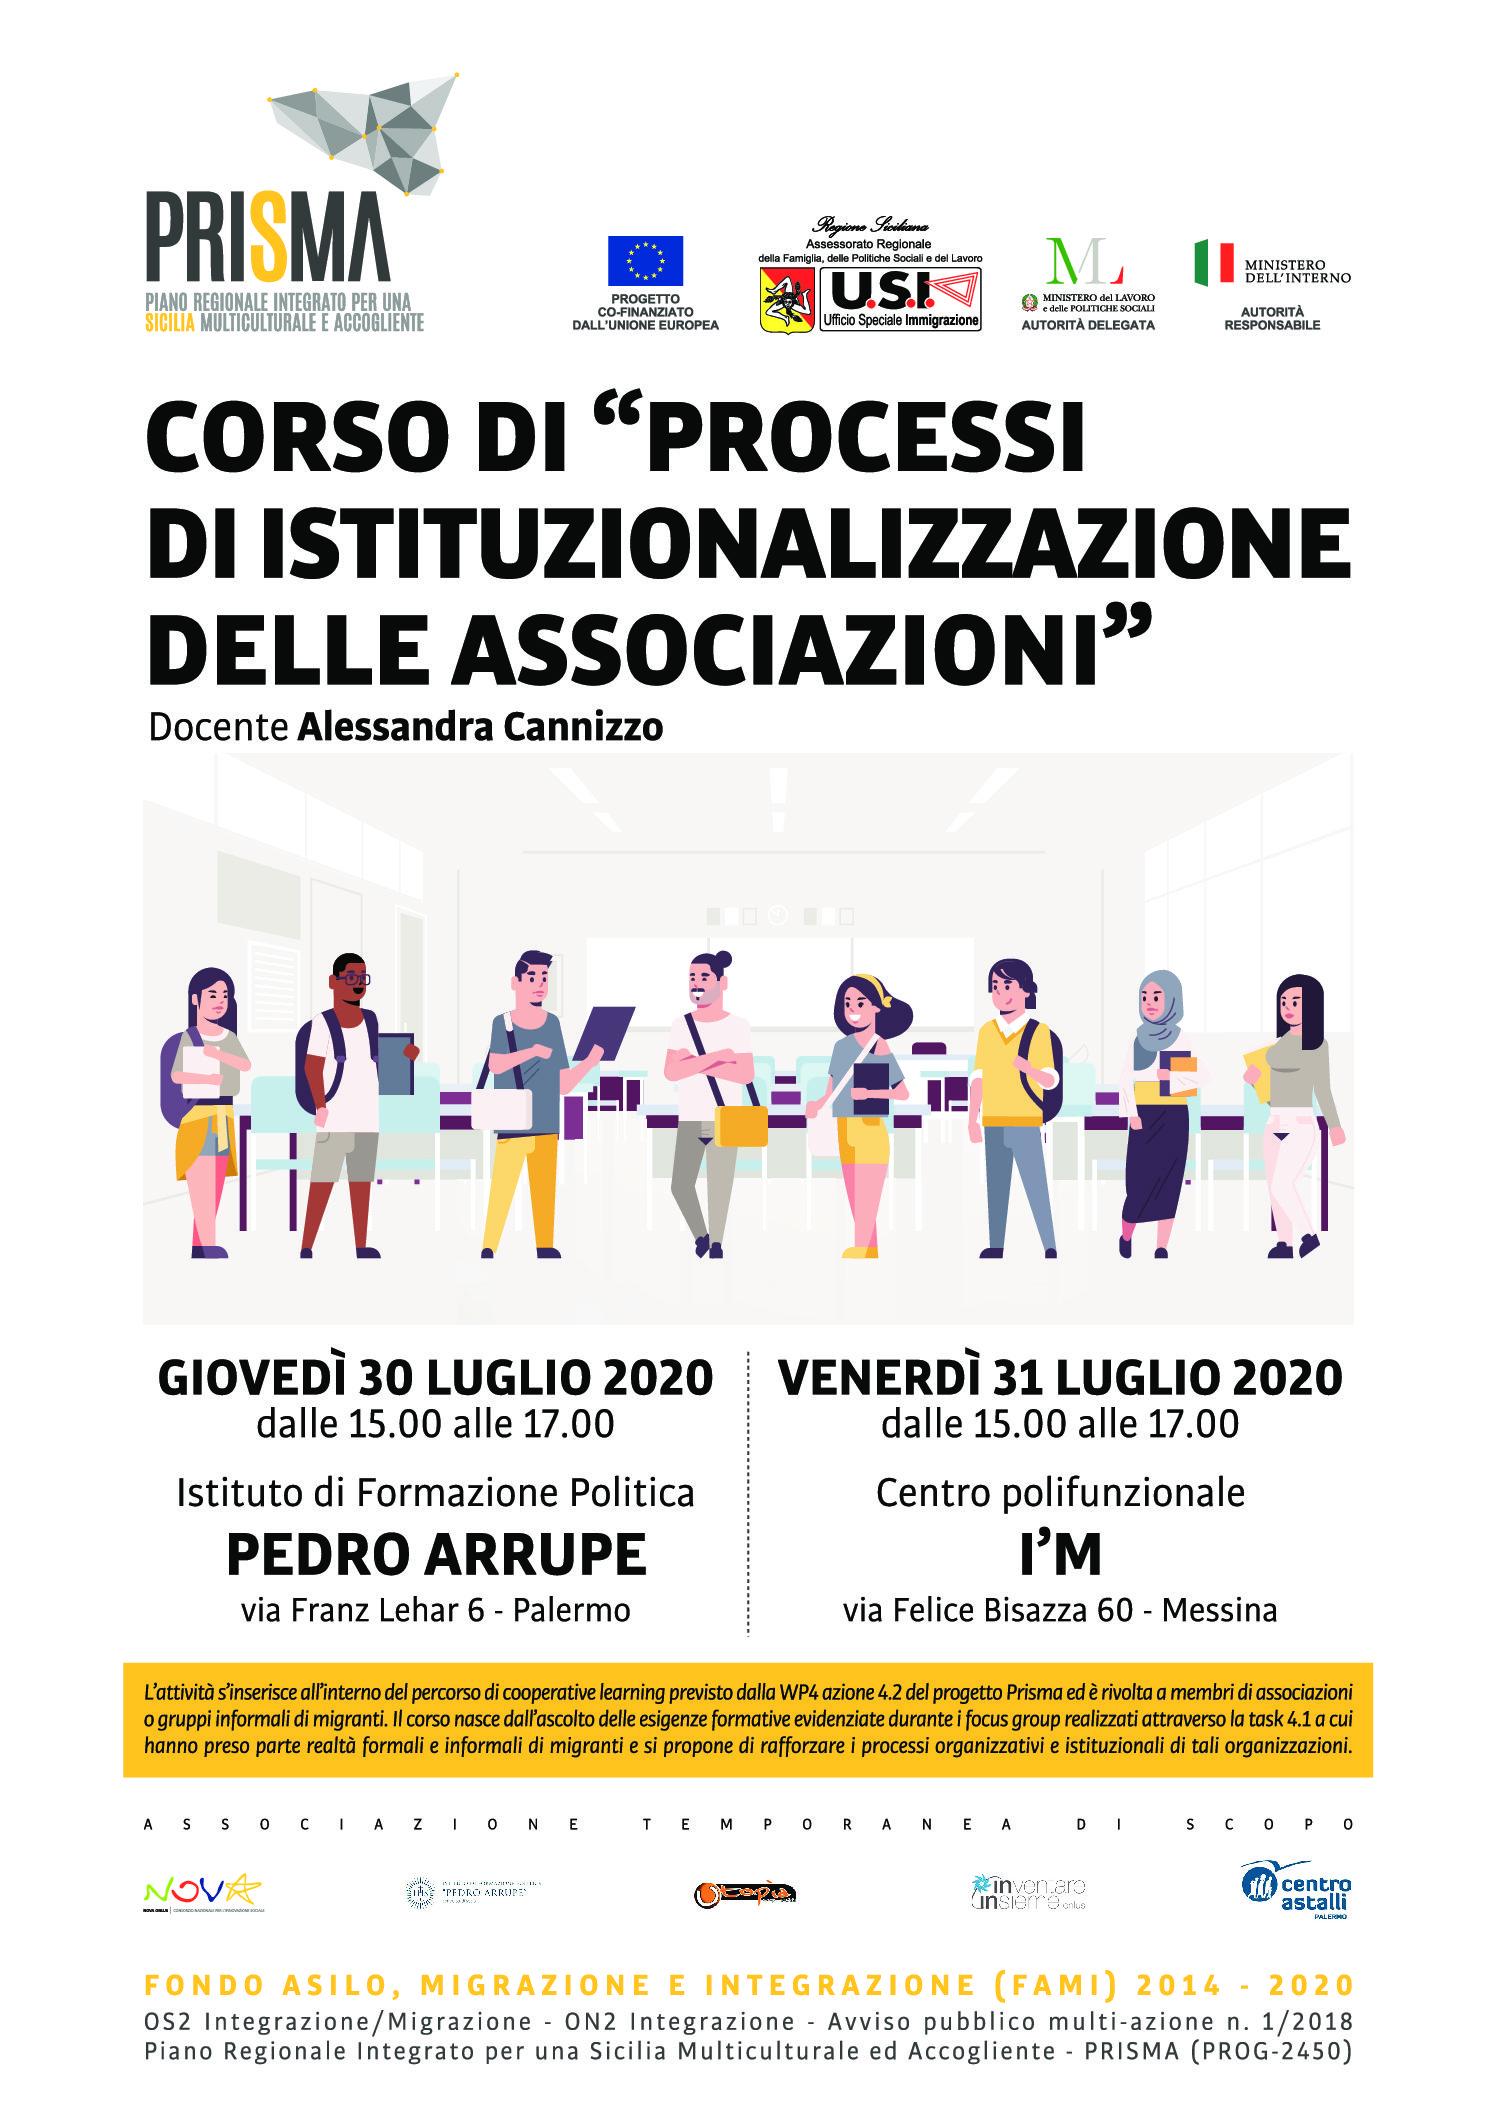 """""""Processi di istituzionalizzazione delle associazioni"""": al via il percorso di cooperative learning"""